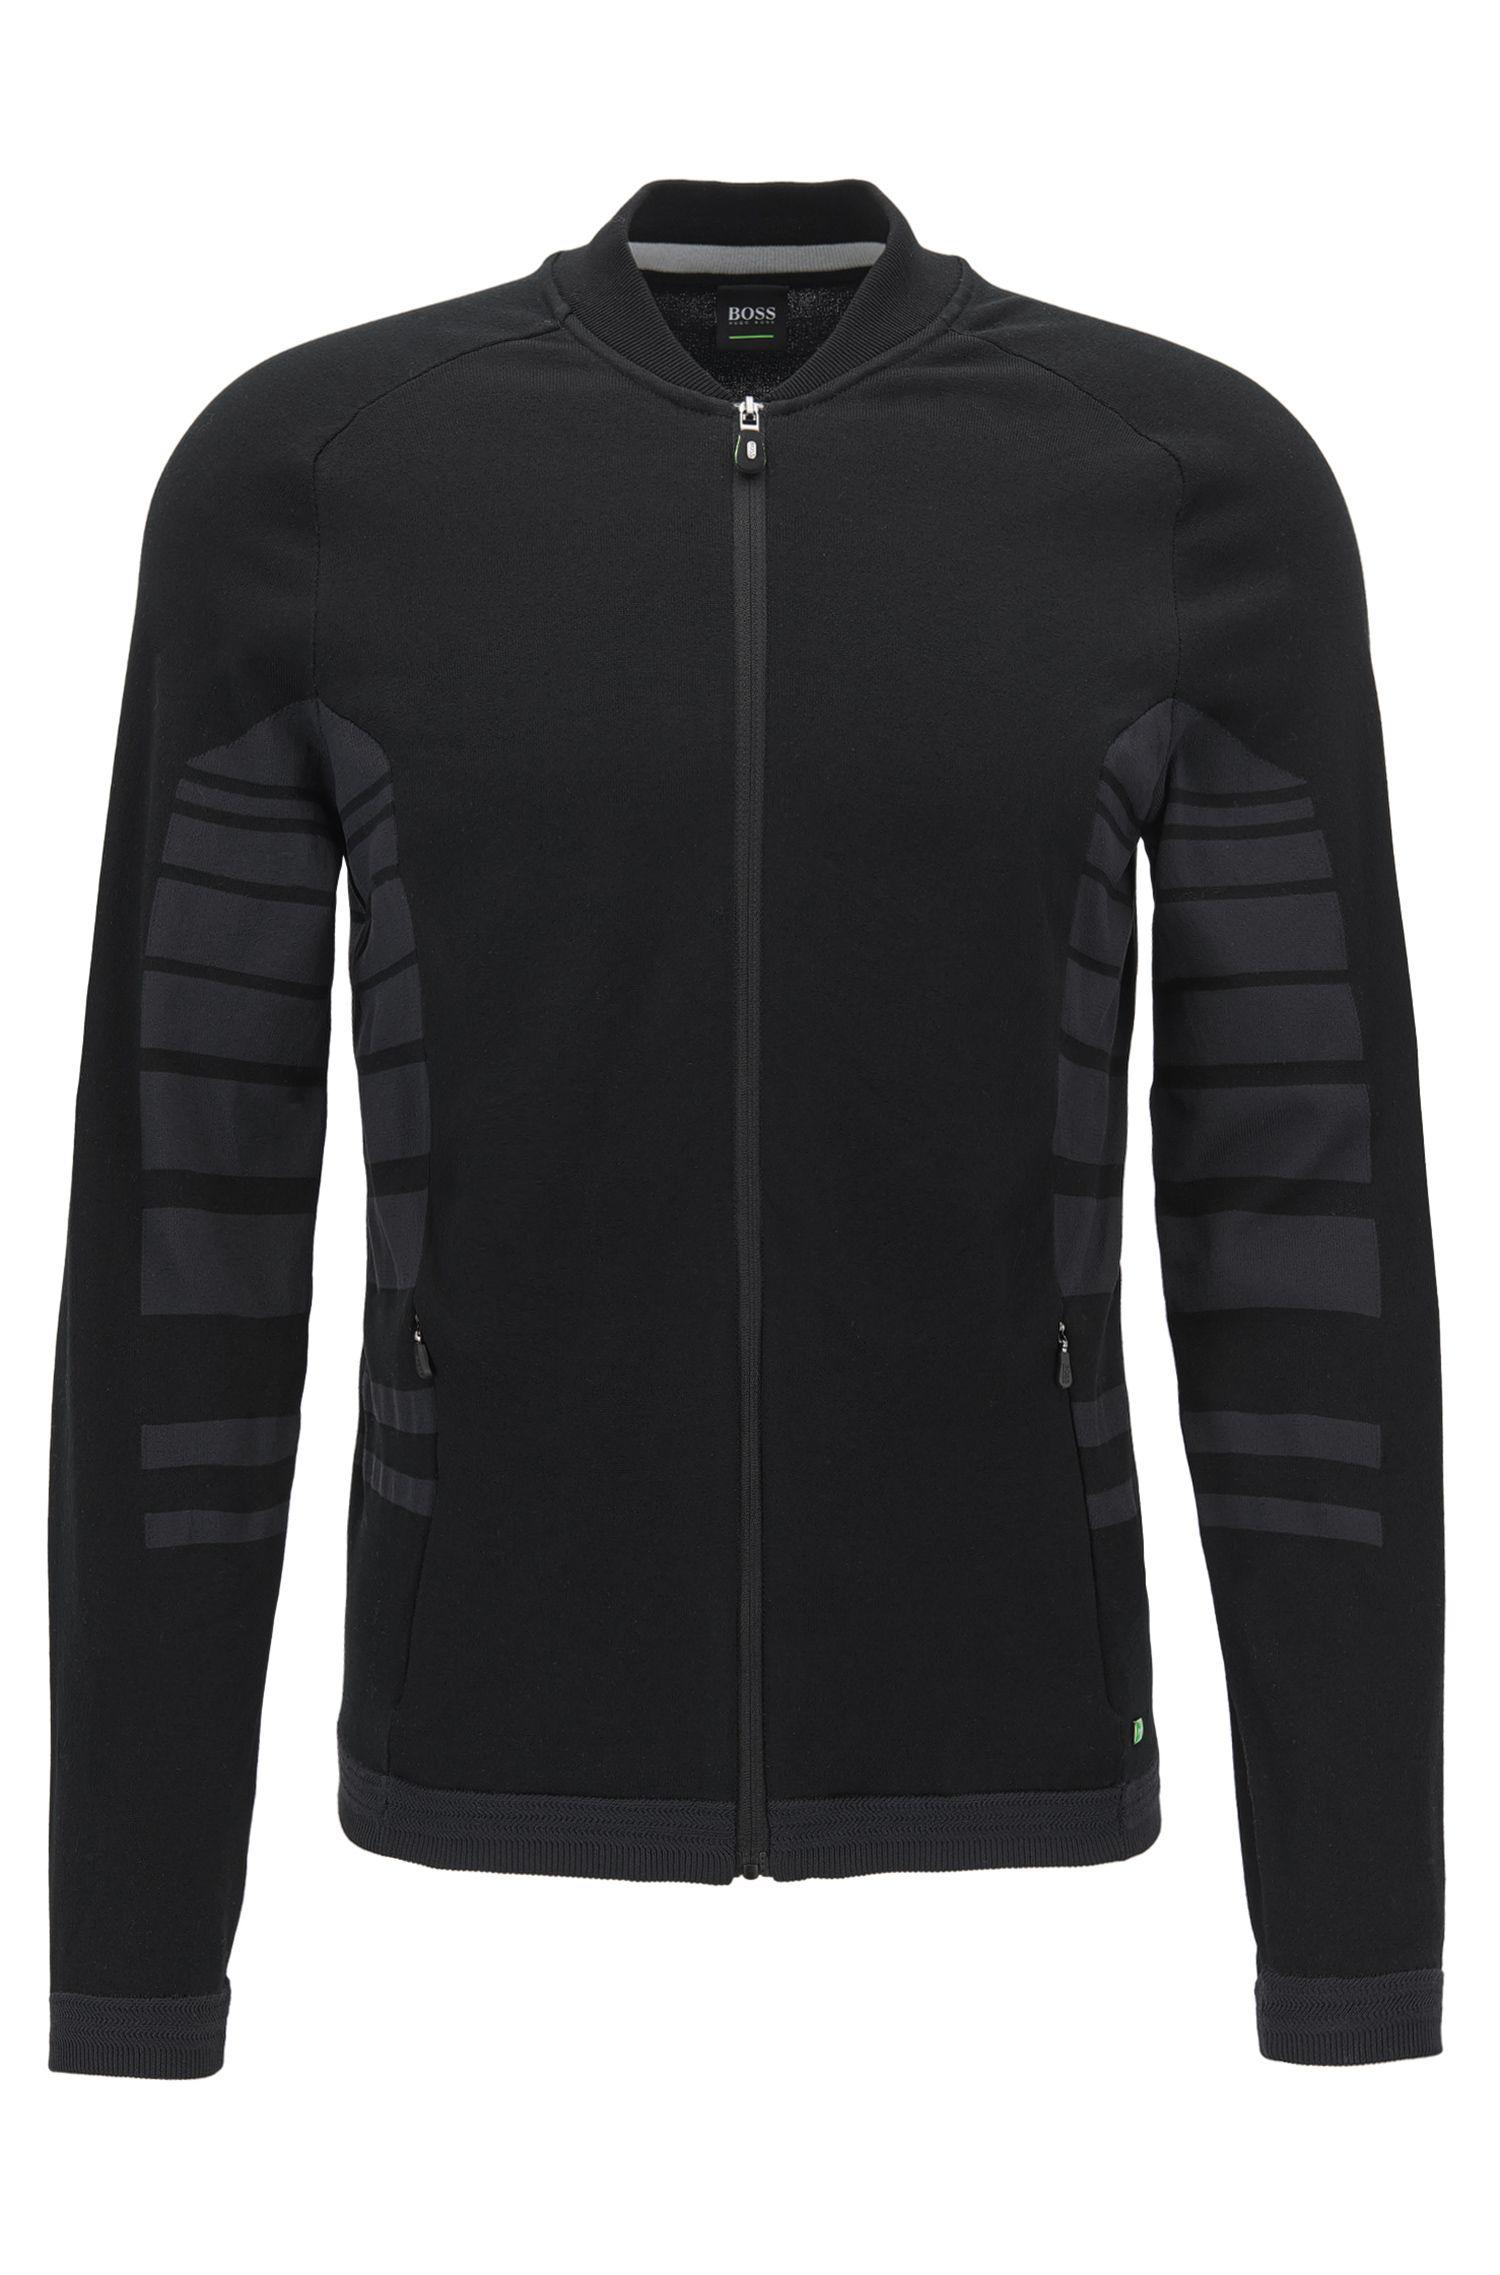 Jacke aus Baumwoll-Mix mit gestreiften Einsätzen und Reißverschluss